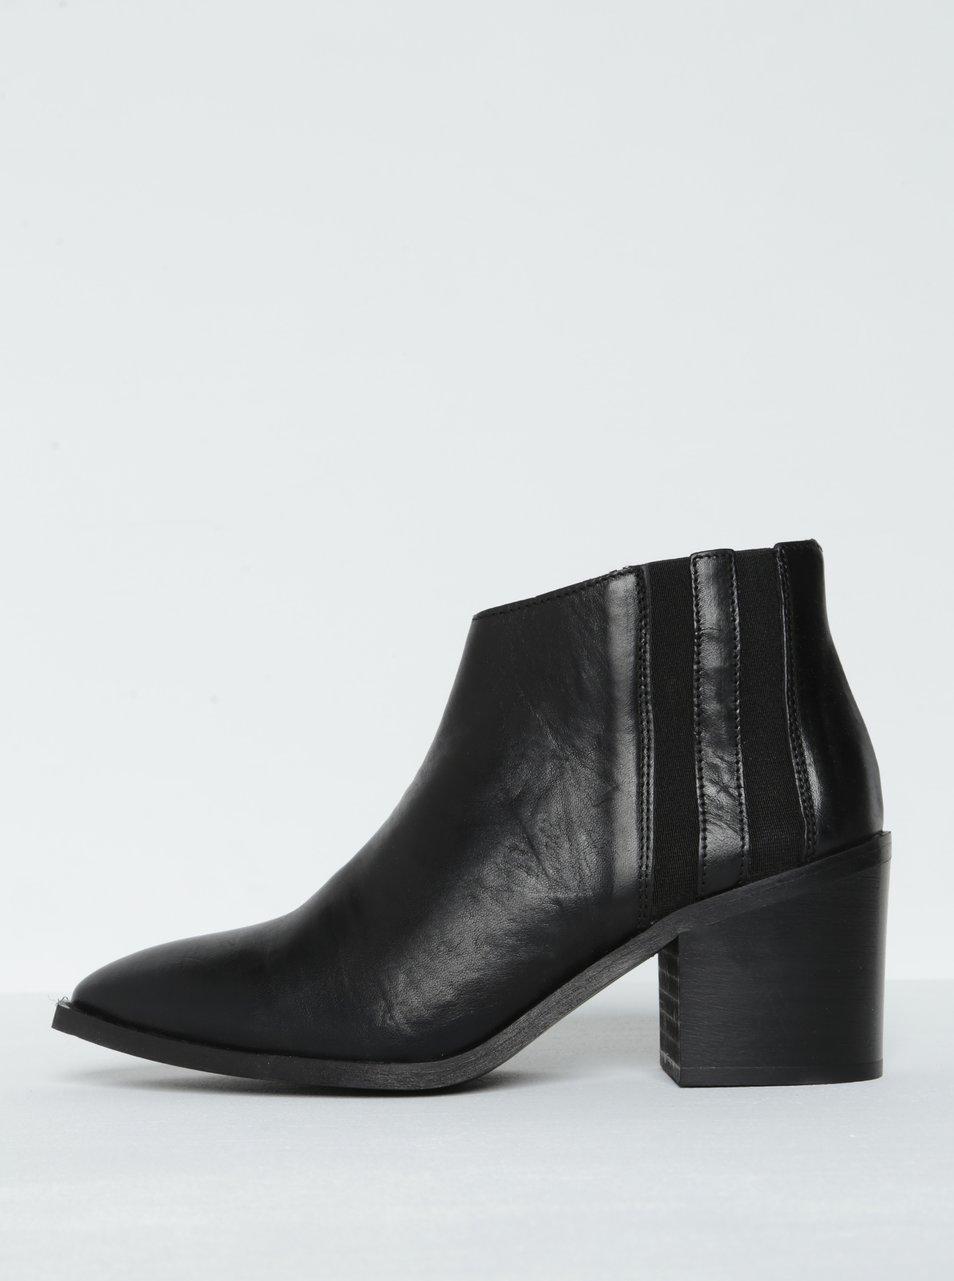 Černé kožené kotníkové boty na podpatku Selected Femme Elena  c8371032cd